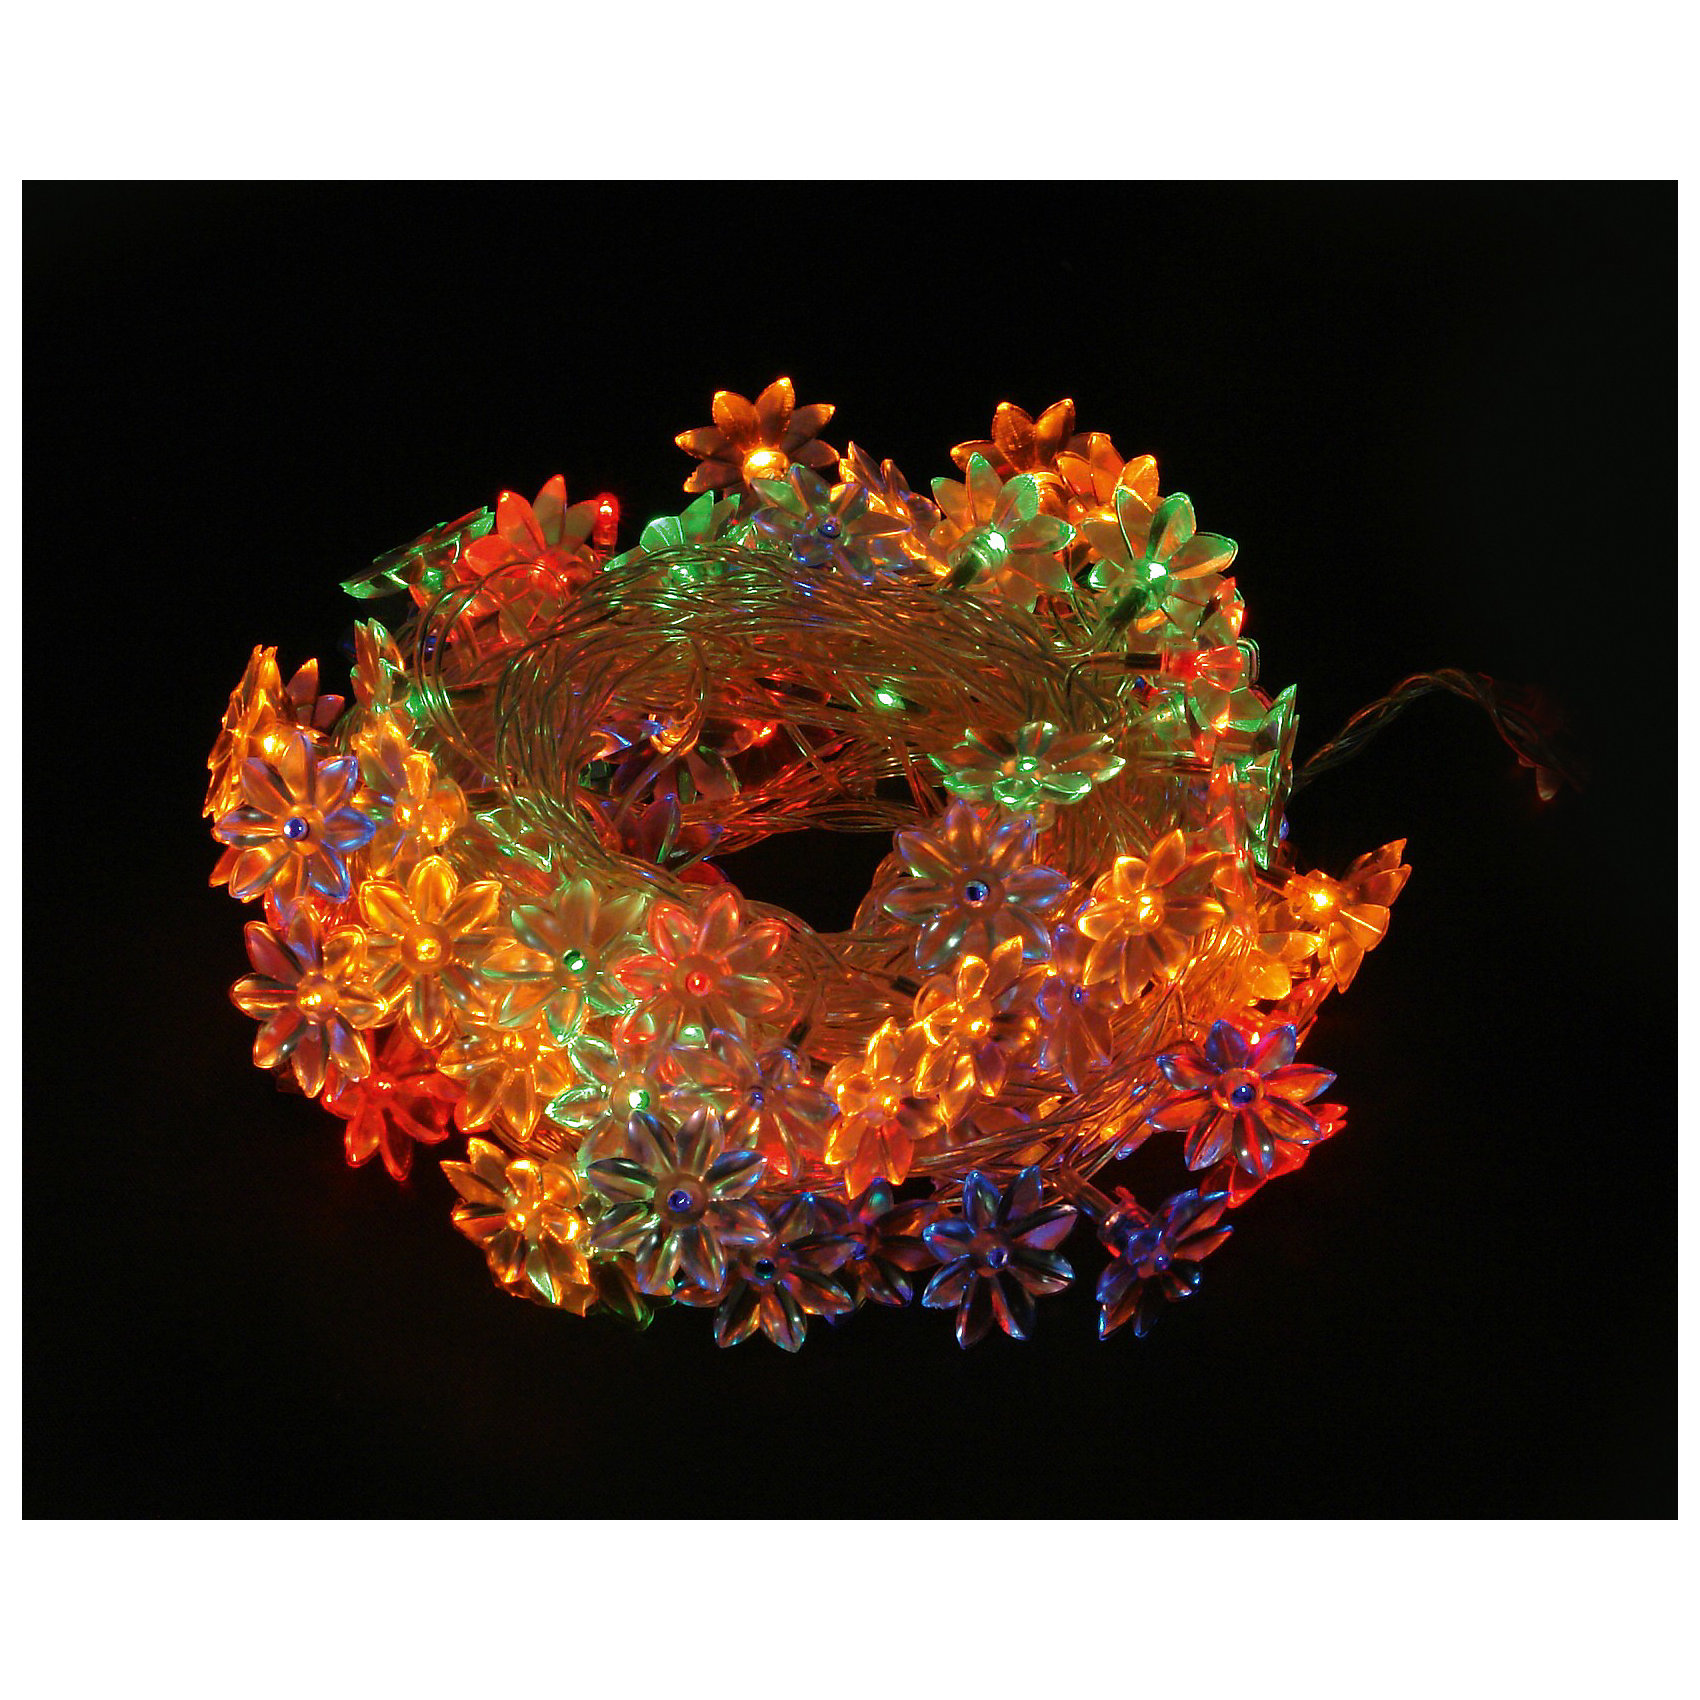 Электрогирлянда  Соцветие, Волшебная странаВсё для праздника<br>Электрогирлянда  Соцветие, Волшебная страна - это неотъемлемая часть украшения интерьера.<br>Многоцветная электрогирлянда  Соцветие предназначена для декорирования помещений. На прозрачном проводе размещены 100 мини-ламп в форме соцветий.<br><br>Дополнительная информация:<br><br>- Длина гирлянды: 8 м.<br>- Количество режимов: 8<br>- Мощность: 65,5Вт<br>- Напряжение: 220-240В<br><br>Электрогирлянду  Соцветие, Волшебная страна можно купить в нашем интернет-магазине.<br><br>Ширина мм: 175<br>Глубина мм: 68<br>Высота мм: 85<br>Вес г: 2556<br>Возраст от месяцев: 36<br>Возраст до месяцев: 144<br>Пол: Унисекс<br>Возраст: Детский<br>SKU: 3718051